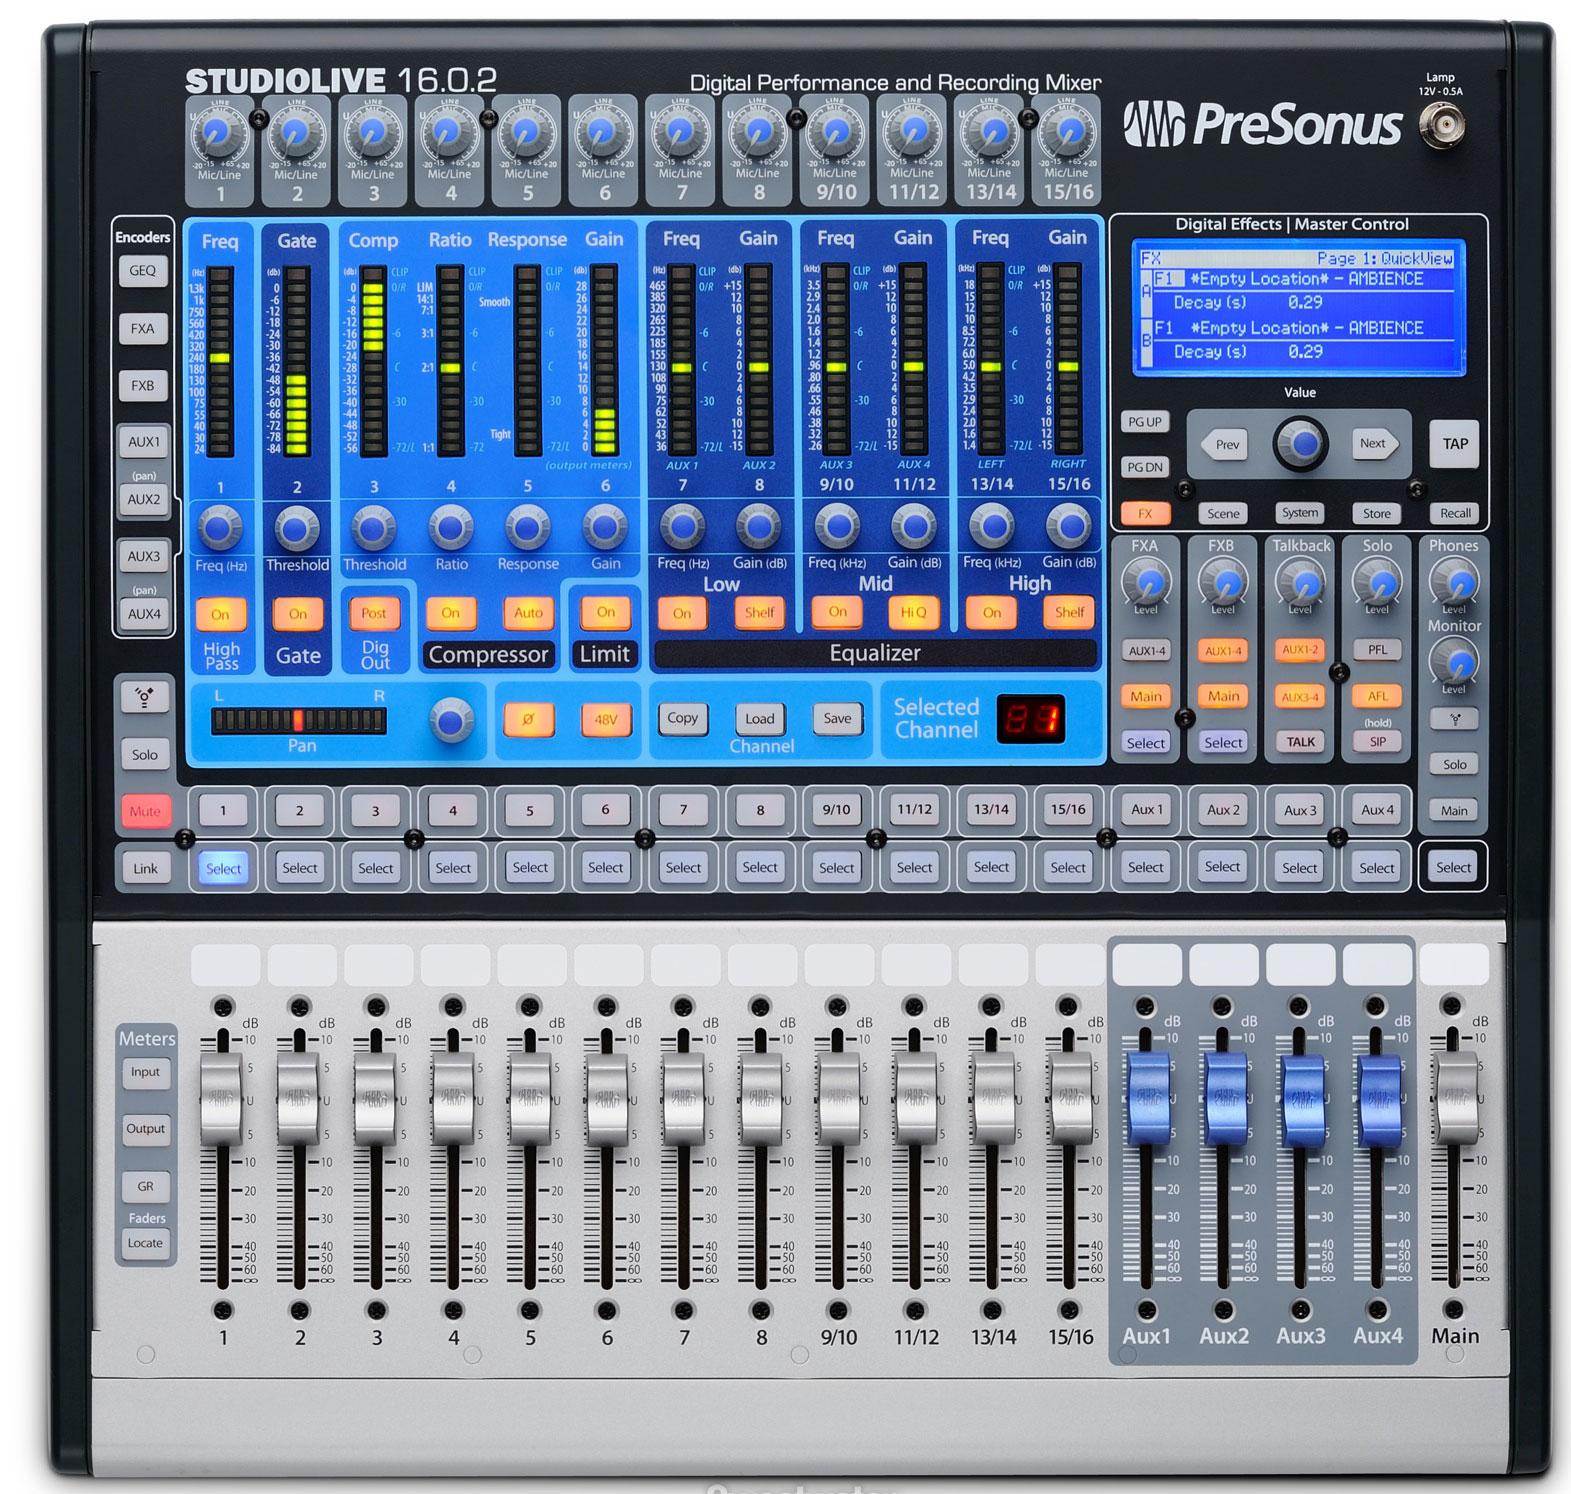 ��������� ������ PreSonus StudioLive 16.0.2